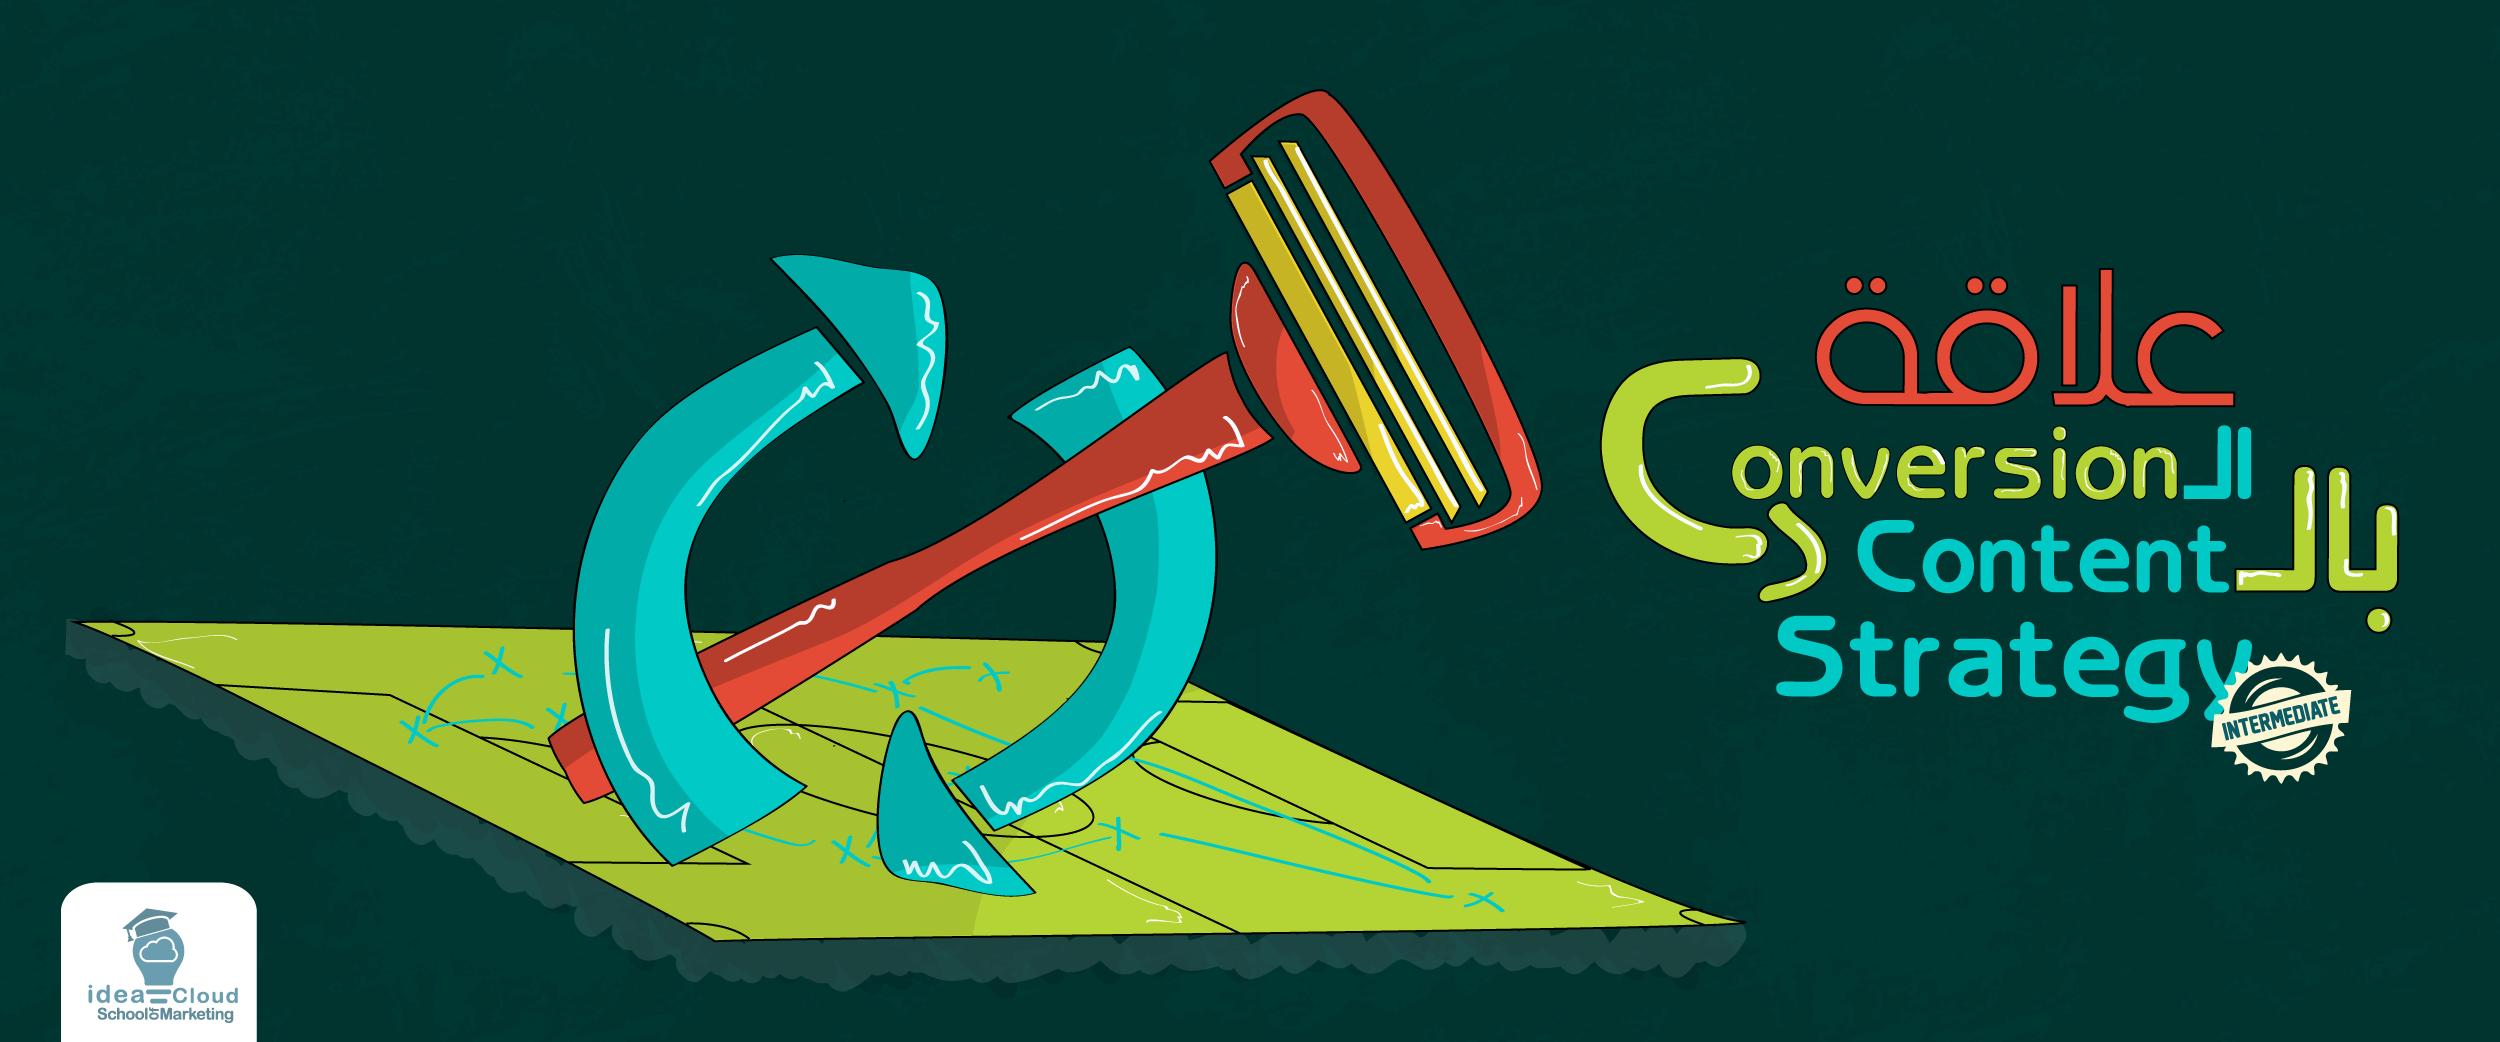 الـ Content Strategy كلهـا على بعضهـا كدة ما هي إلا عبارة عن Tool اللي البني آدميــن بيقدروا يتواصلوا بيهـا، طب ازاى الـstrategy ده يعمل conversion صح